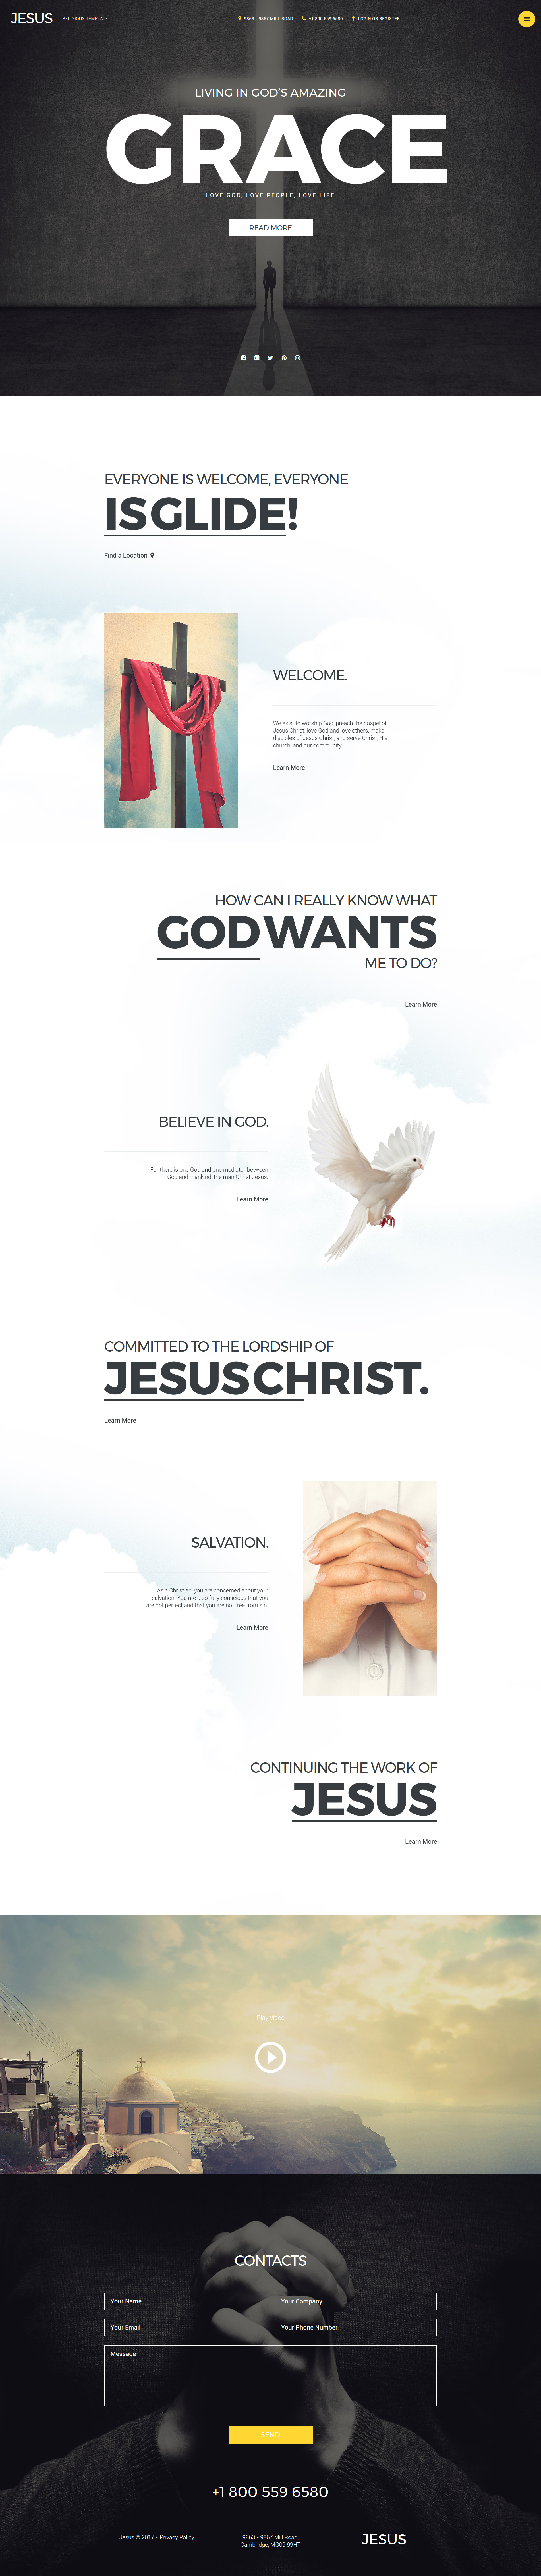 Responzivní Joomla šablona na téma Křesťanství #57982